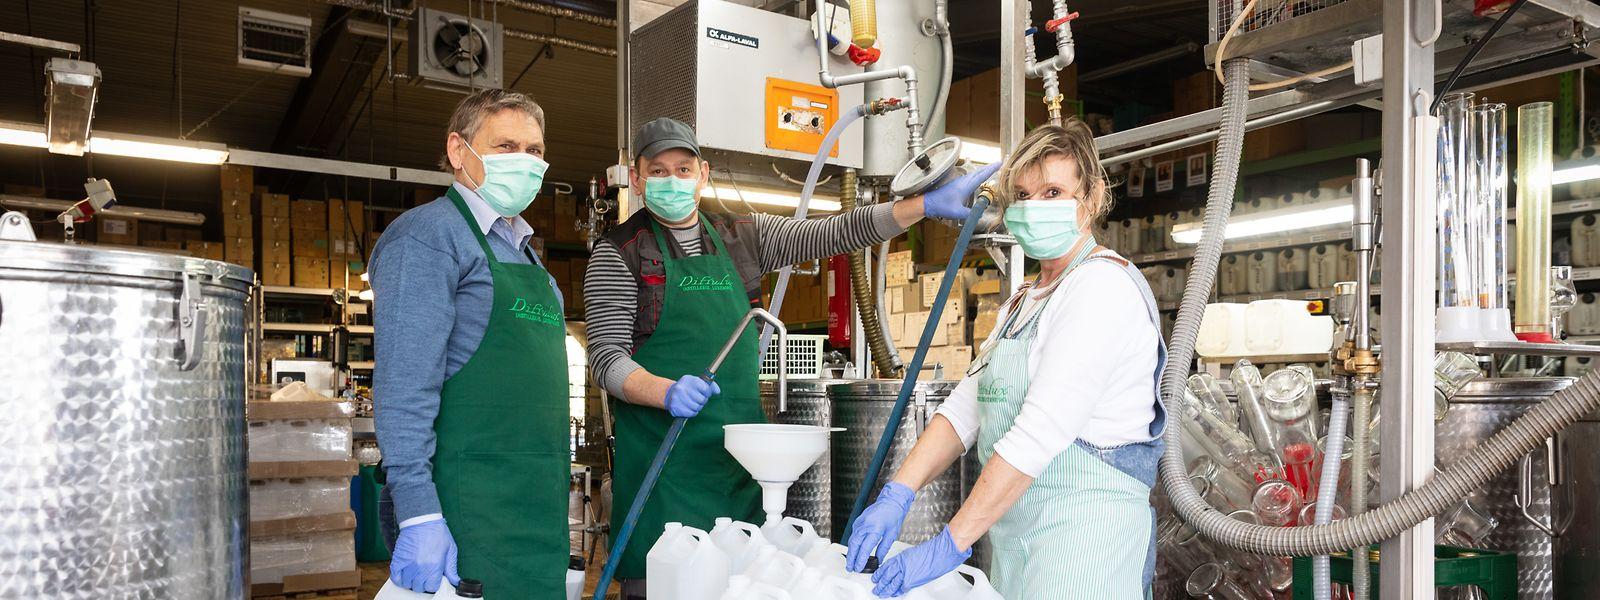 Gesundheit geht vor: Mit Maske, Handschuhen und Arbeitskittel stellen Firmenchef Gérard Leuchter (l.) und seine Mitarbeiter Anja Greskowia und Darek Govski in Breidweiler Desinfektionsmittel her.